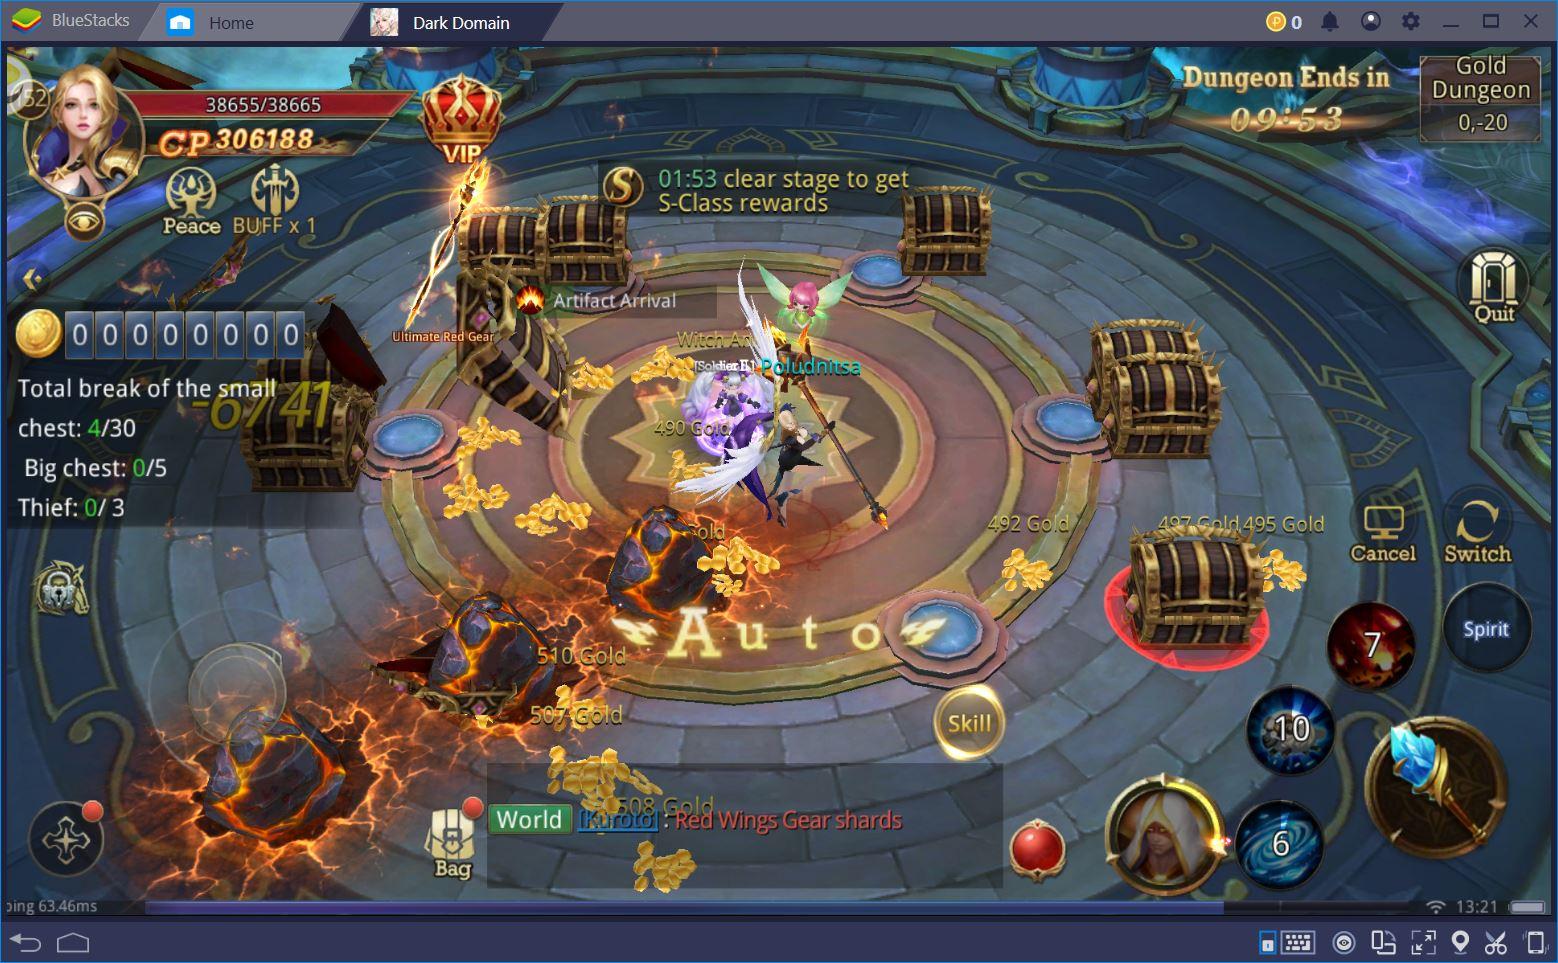 Dark Domain: Beat Every Dungeon, Raid, and World Boss